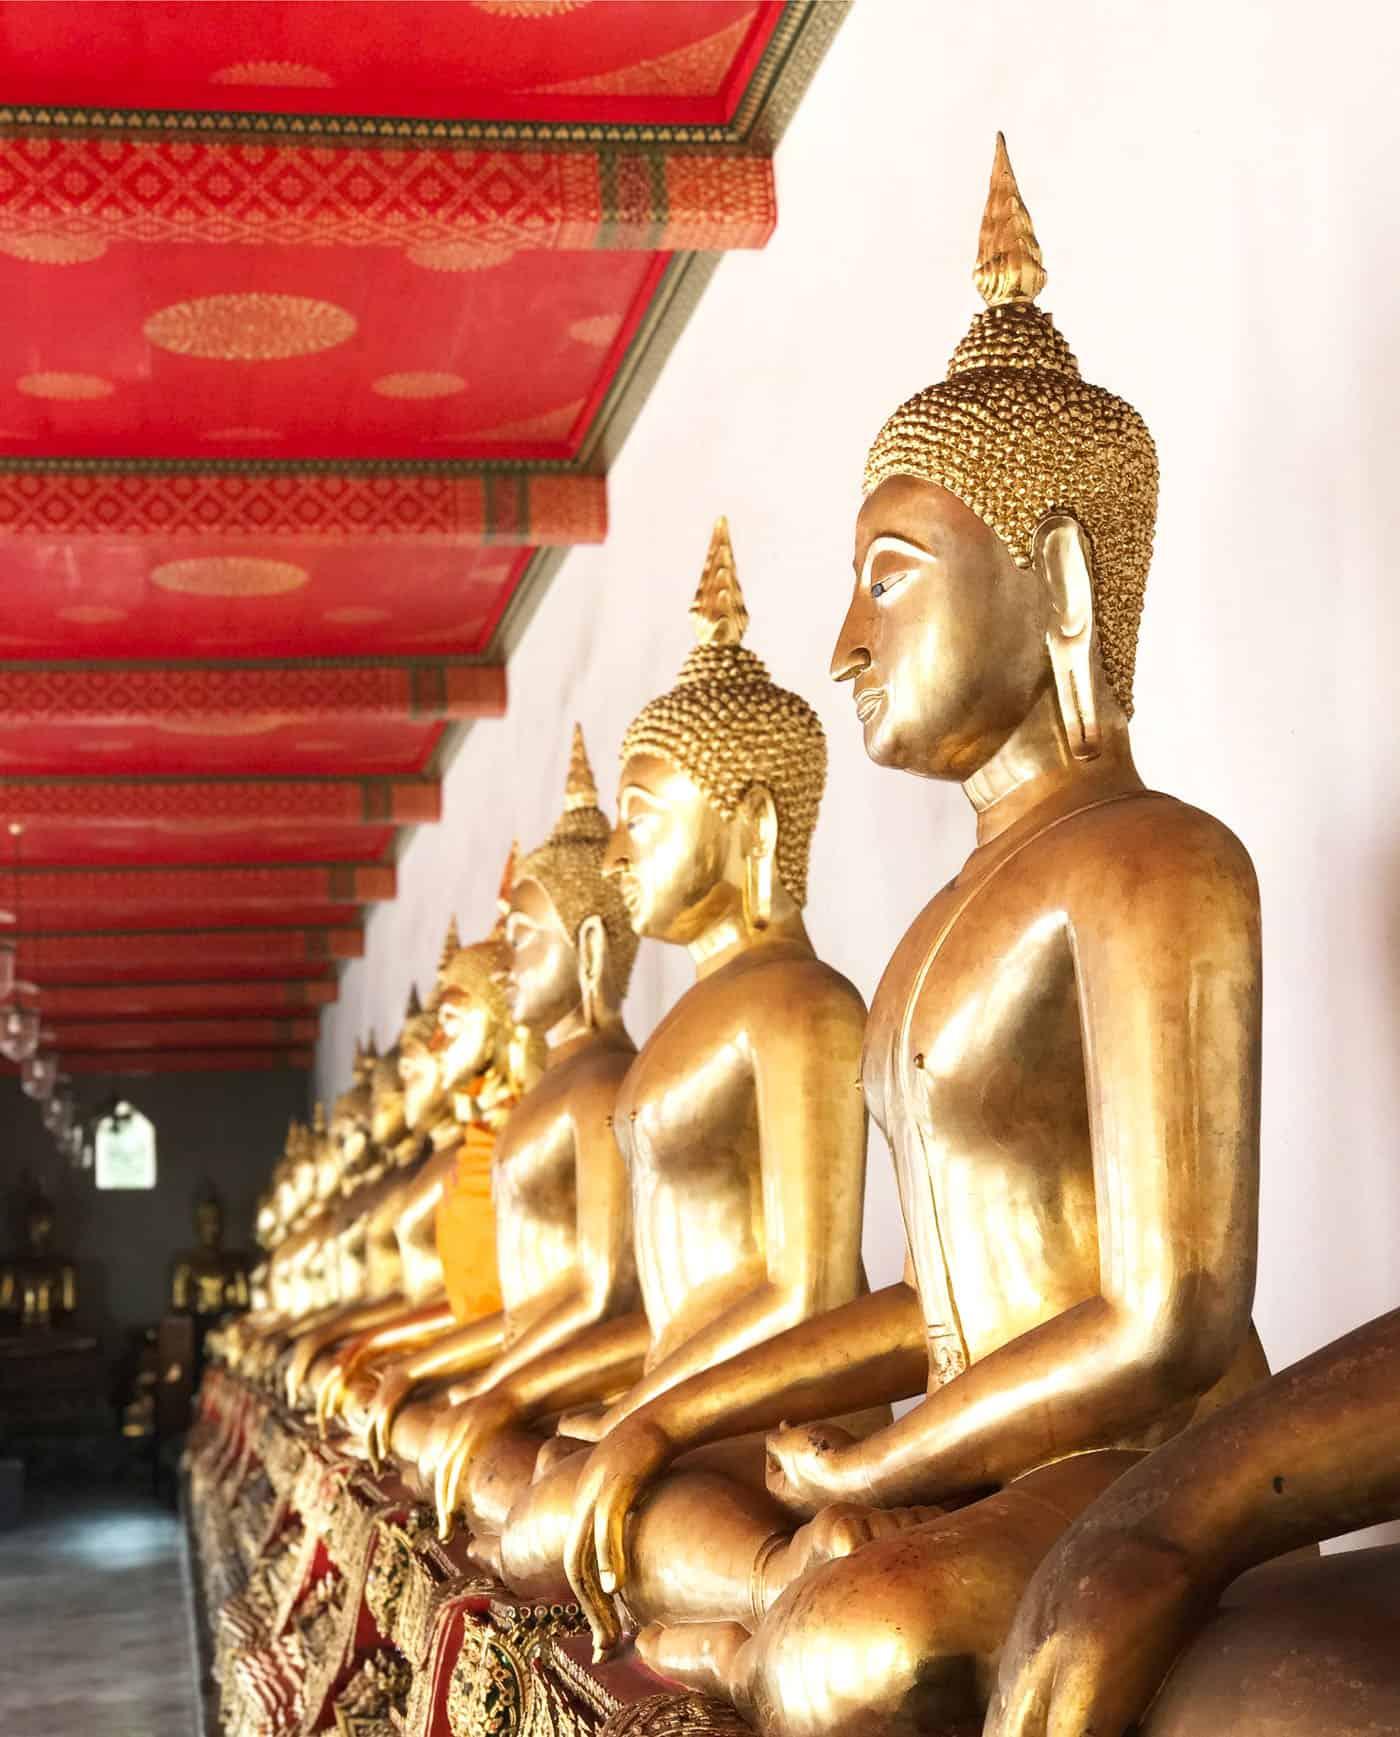 gold buddhas in thailand